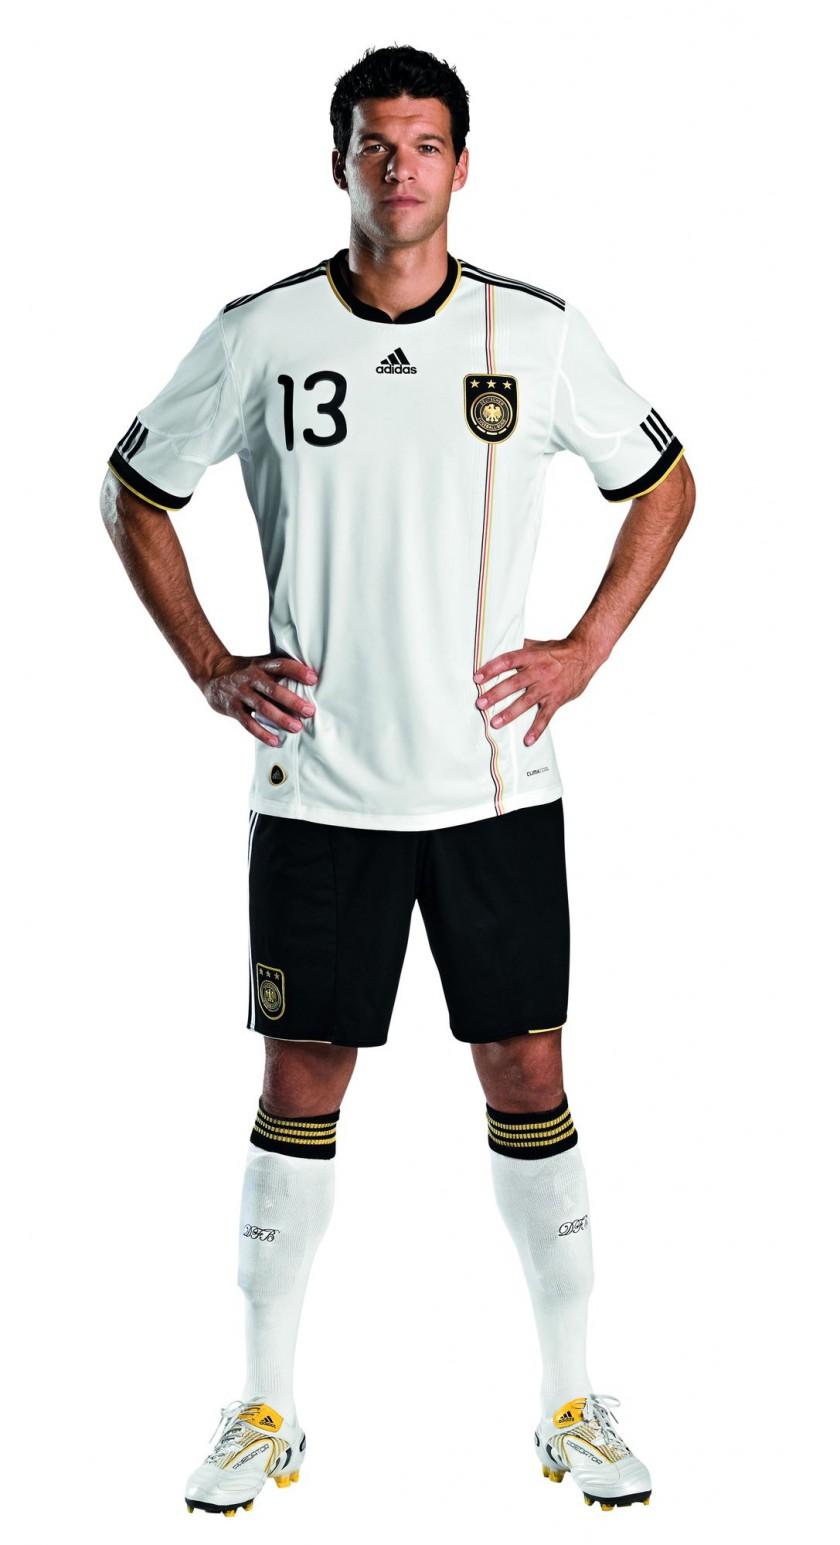 Michael Ballack im neuen WM Trikot fr Sdafrika 2010